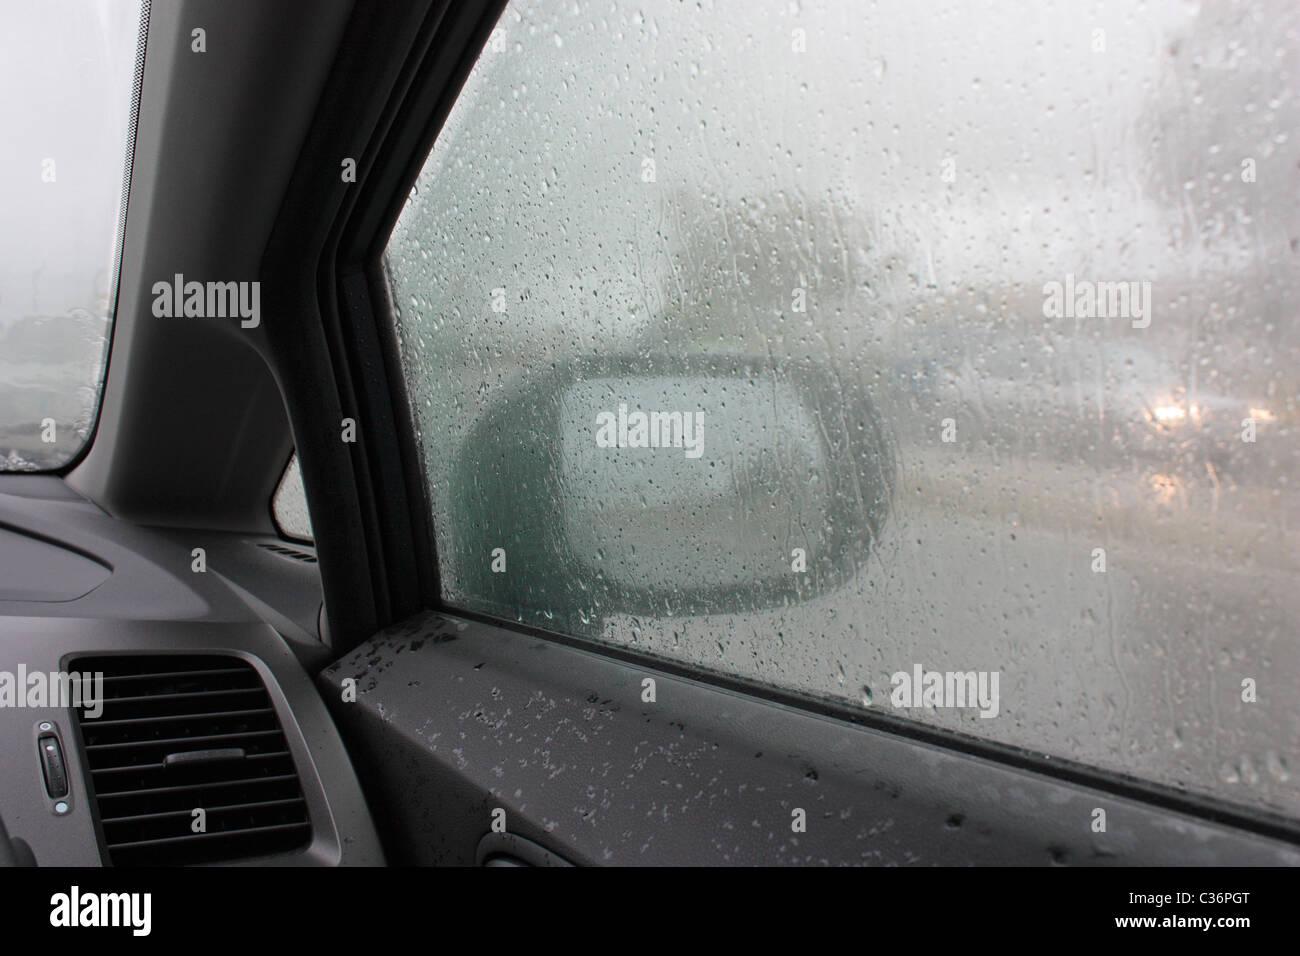 in-a-car-in-the-rain-C36PGT.jpg